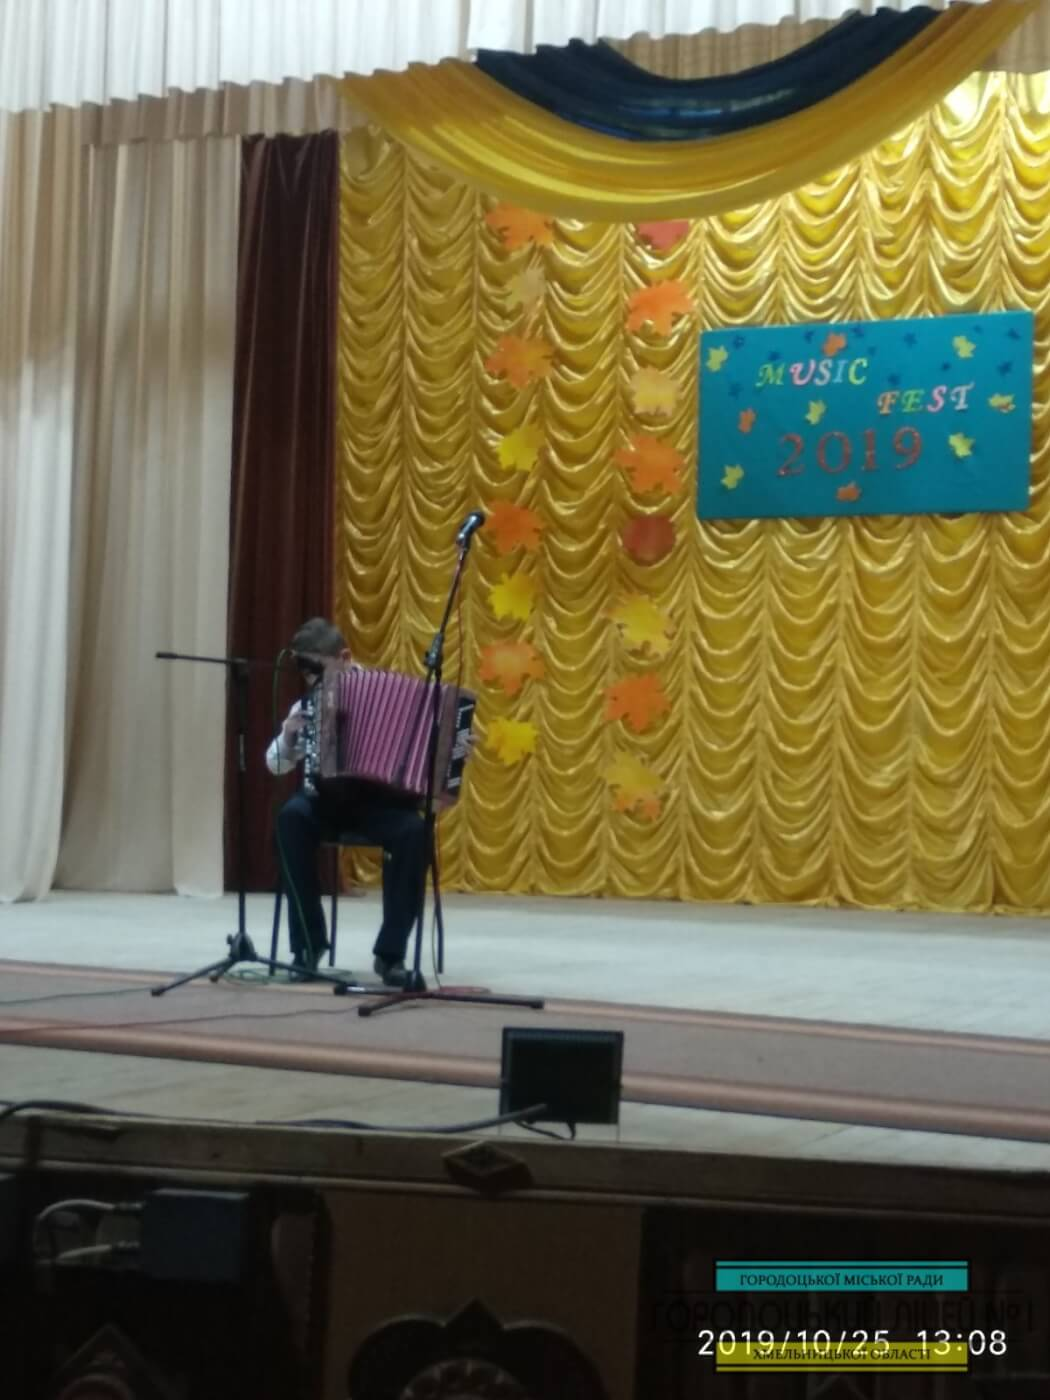 zobrazhennya viber 2019 10 31 14 30 20 - Music Fest «Городоцька осінь 2019»